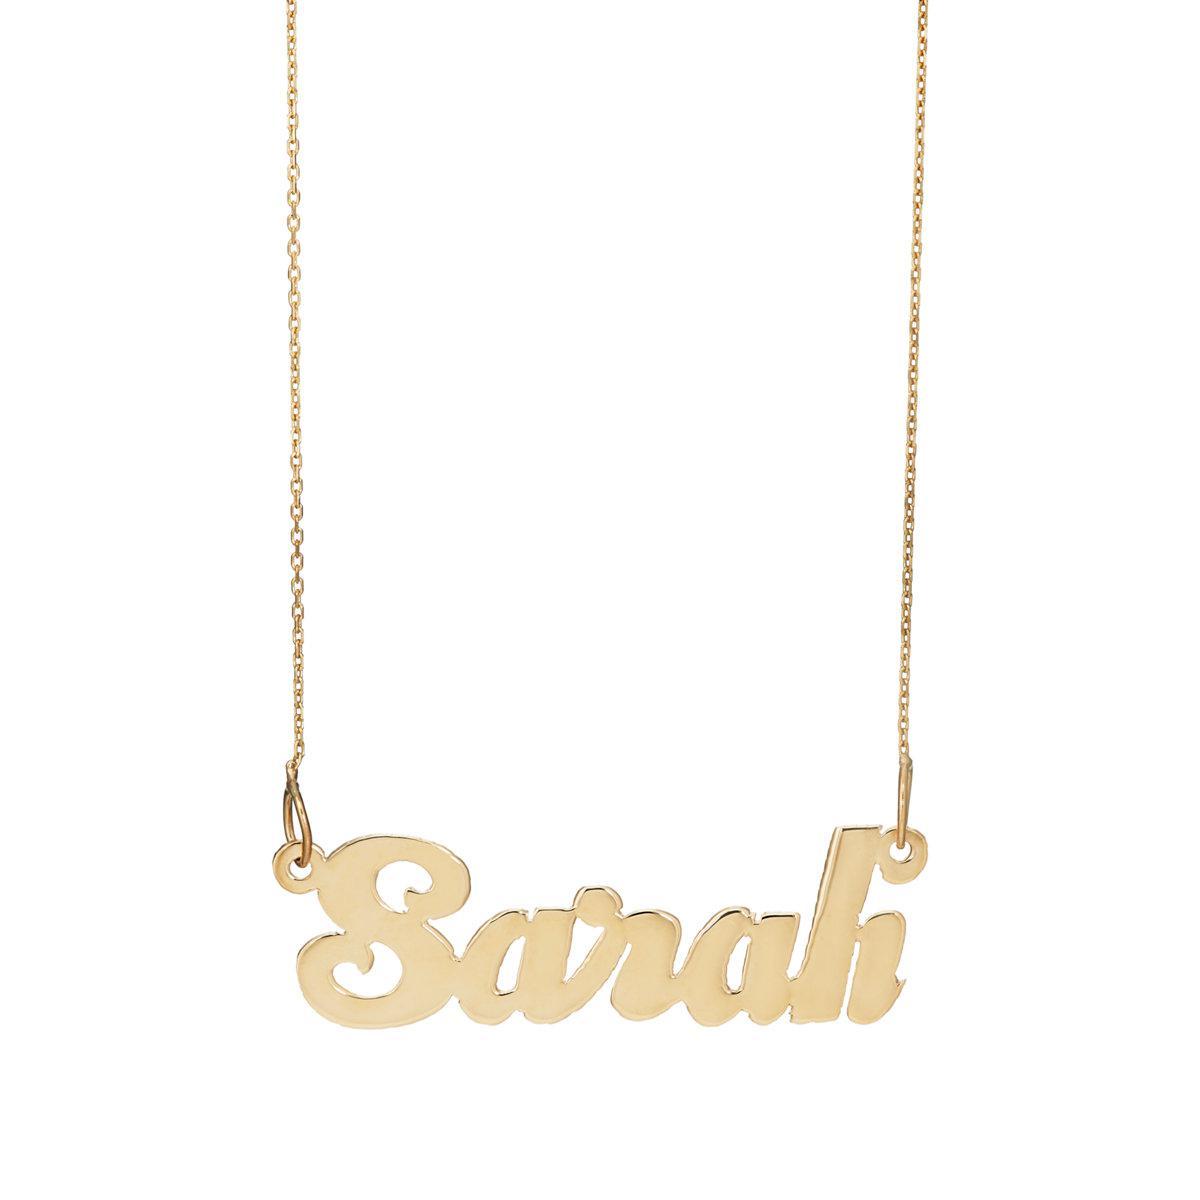 Bianca Pratt Womens Sugar Nameplate Necklace A3apwBOE